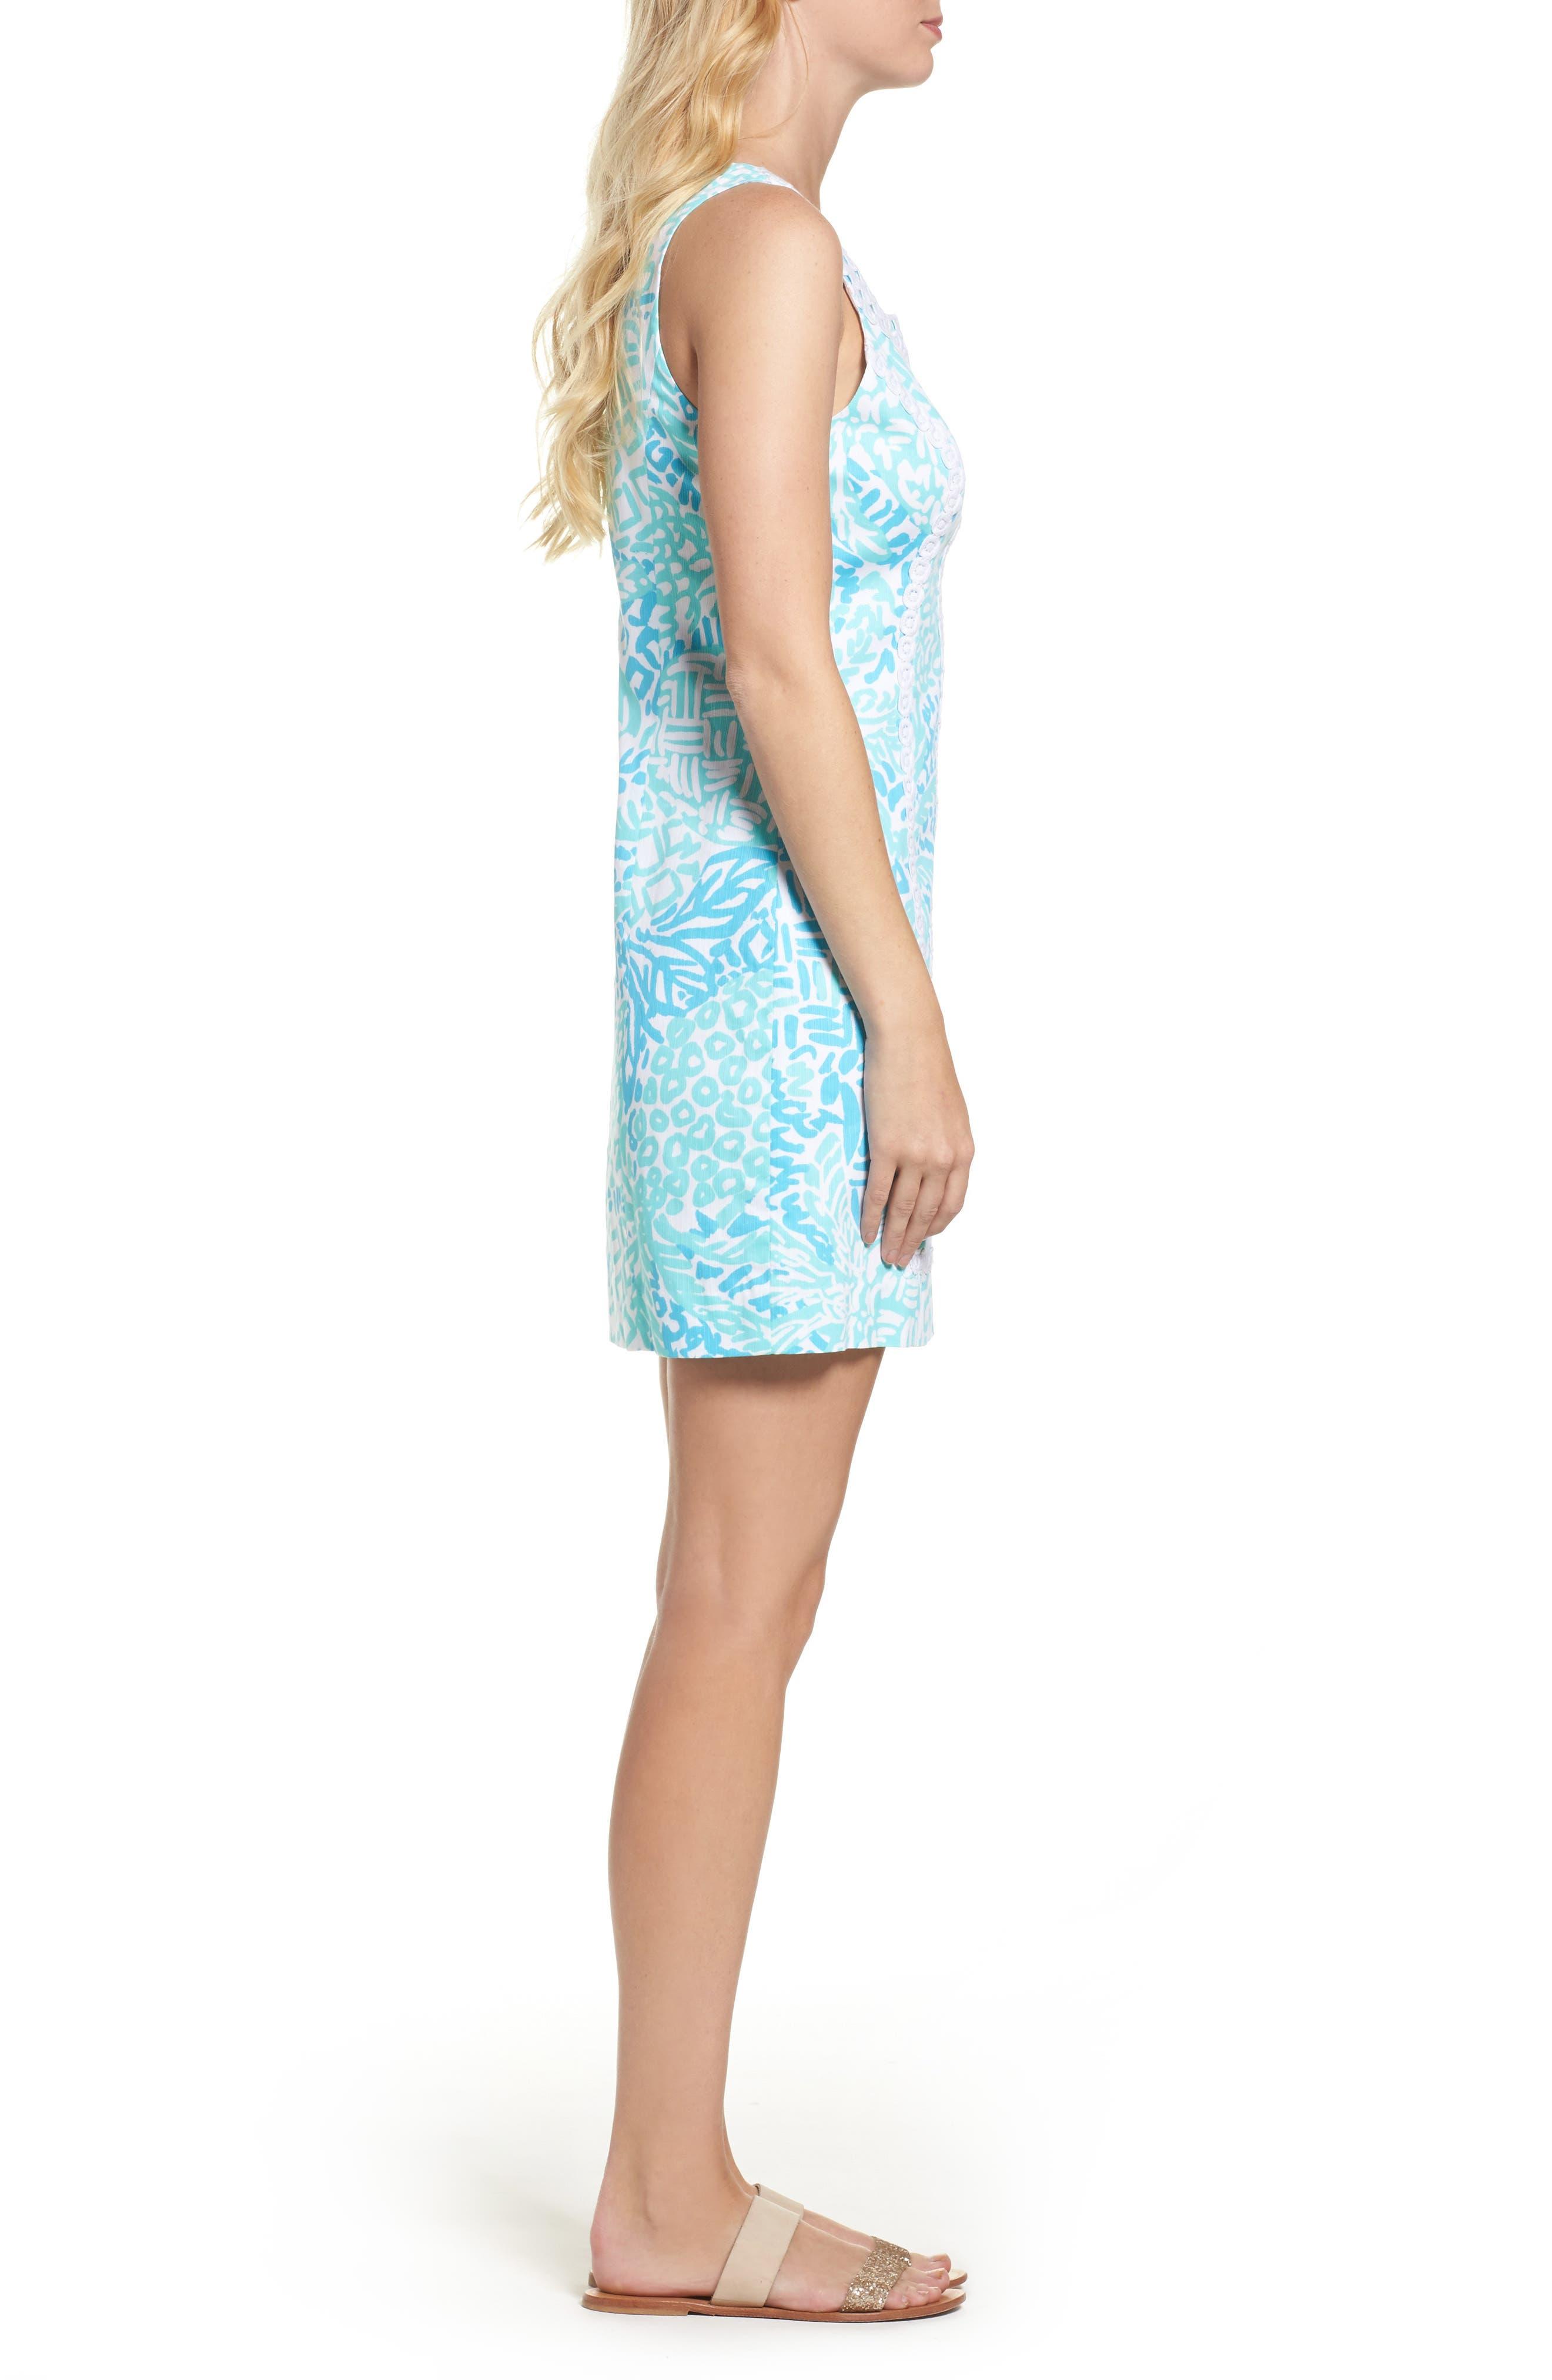 McFarlane Sheath dress,                             Alternate thumbnail 3, color,                             Seaside Aqua Home Slice